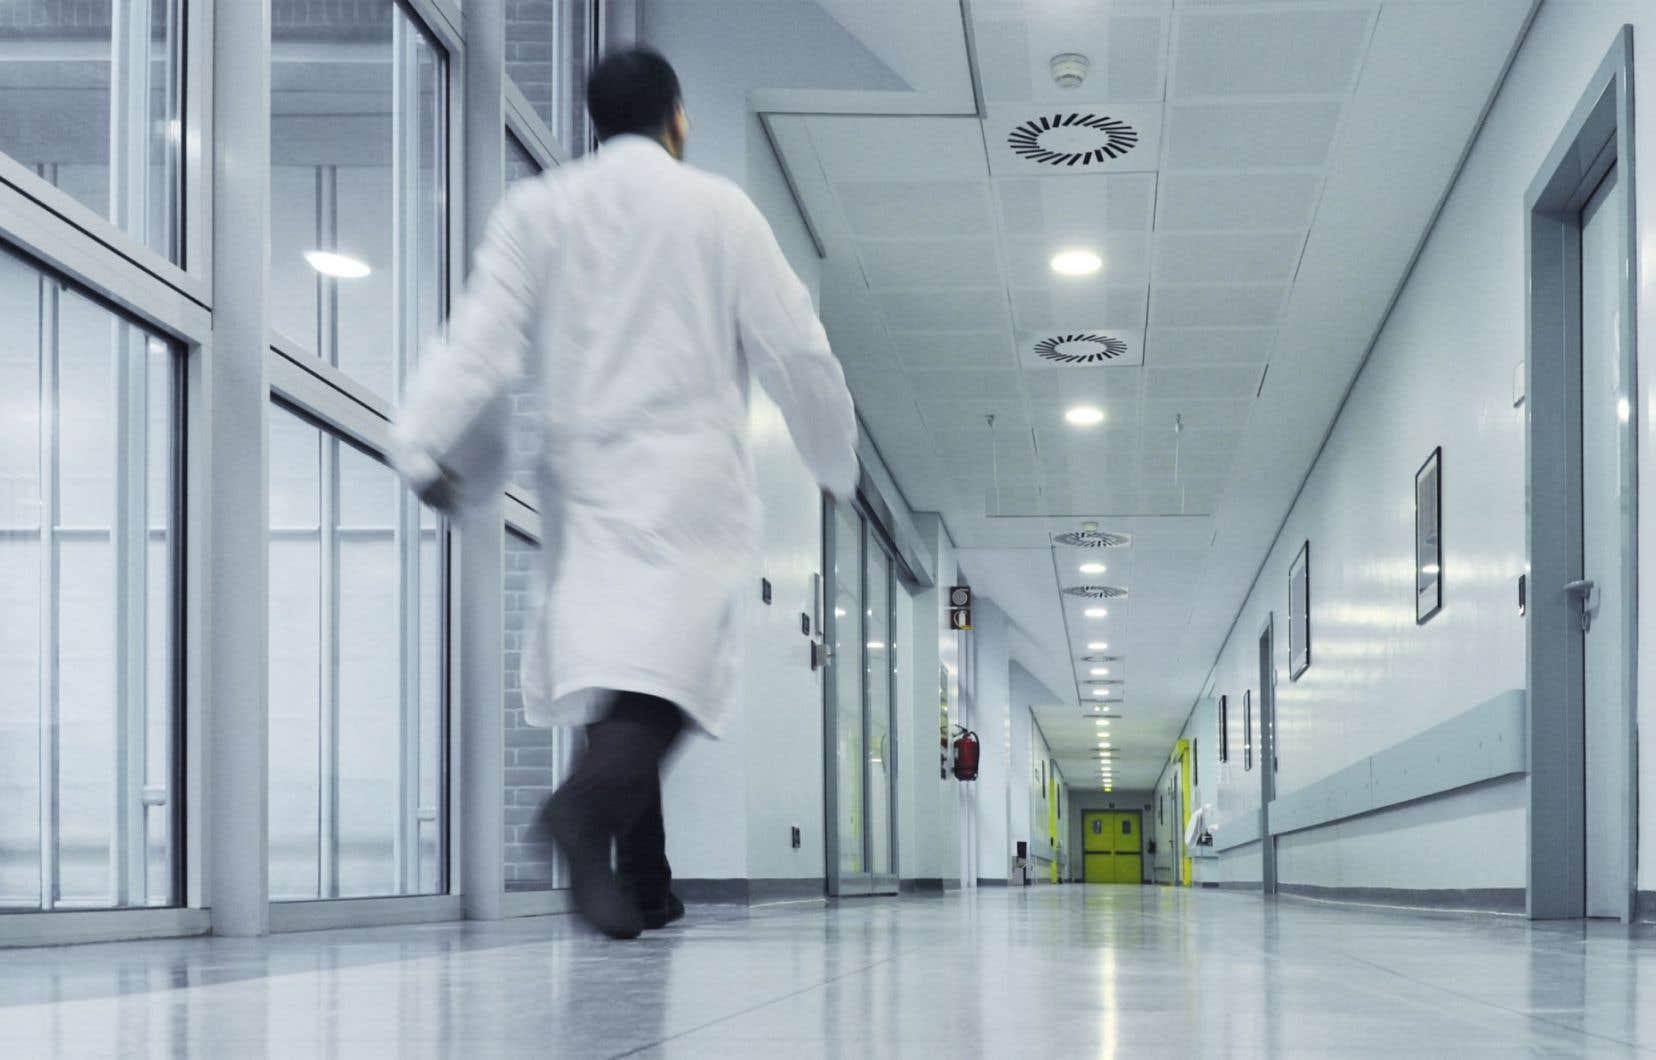 Les CISSS et CIUSSS ont jusqu'au mois de juin pour procéder au transfert d'environ 345 travailleurs sociaux et de 240 autres professionnels comme les physiothérapeutes ou les nutritionnistes, selon les calculs du «Devoir».